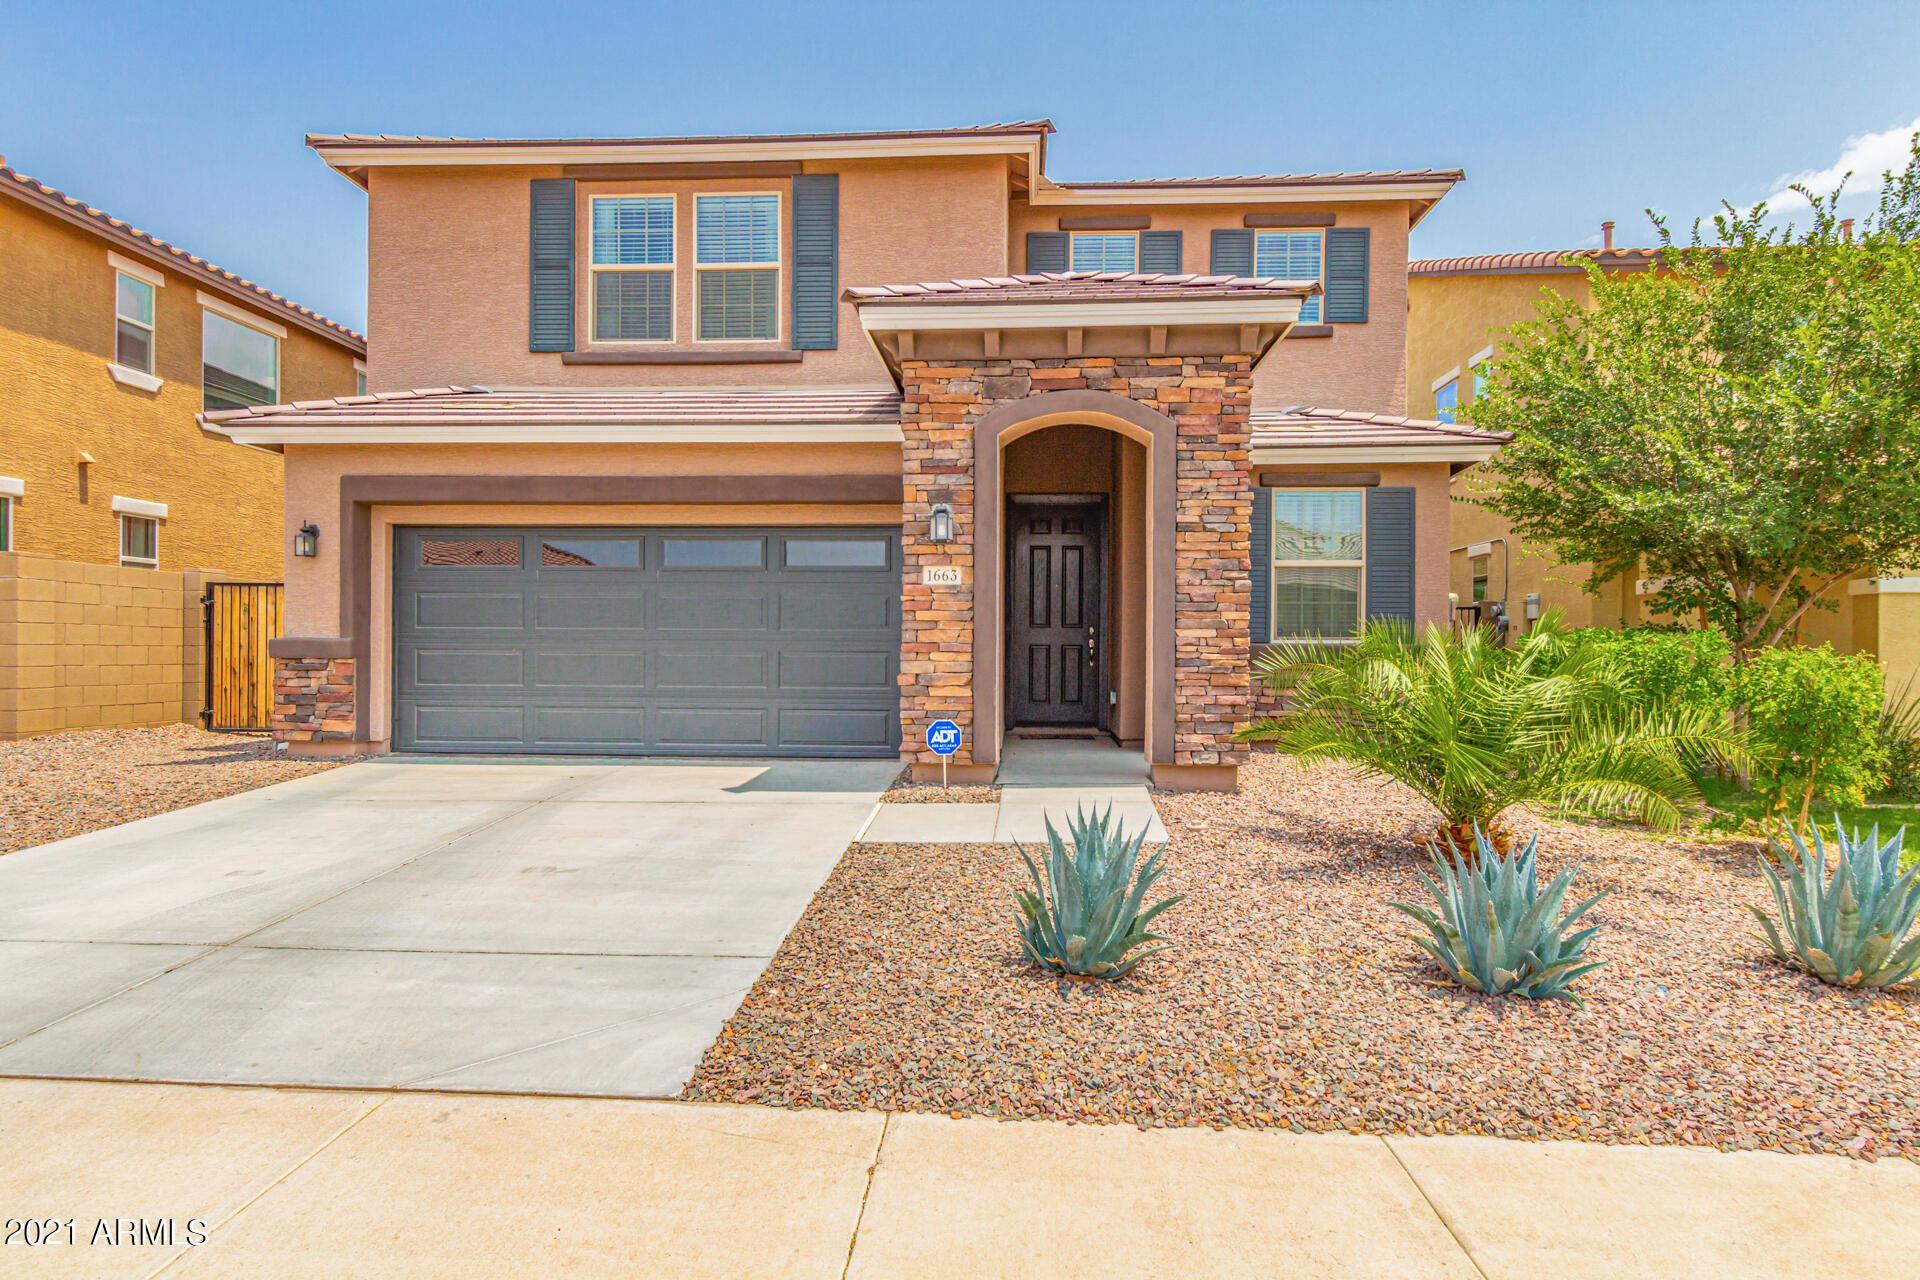 1663 N 212Th Drive, Buckeye, AZ 85396 - MLS#: 6269215